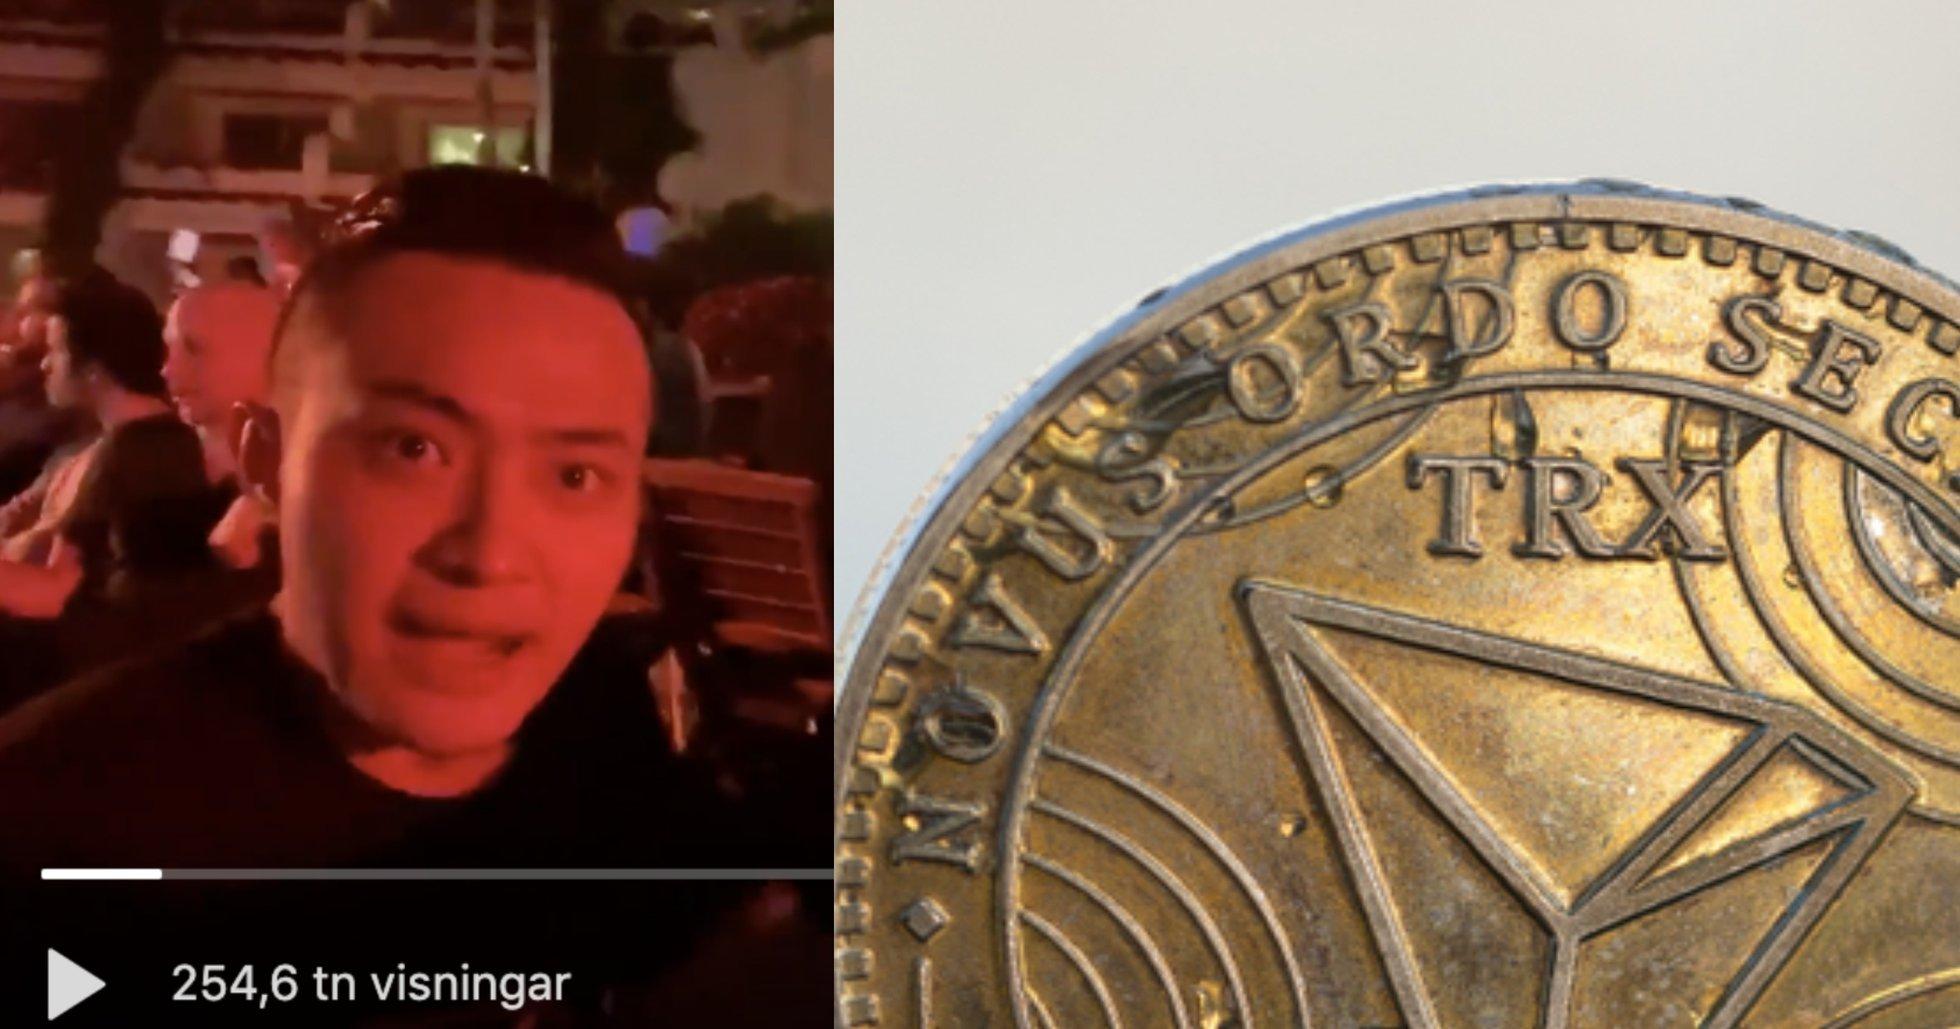 Här kallar vd:n Justin Sun sin egen kryptovaluta för ett shitcoin